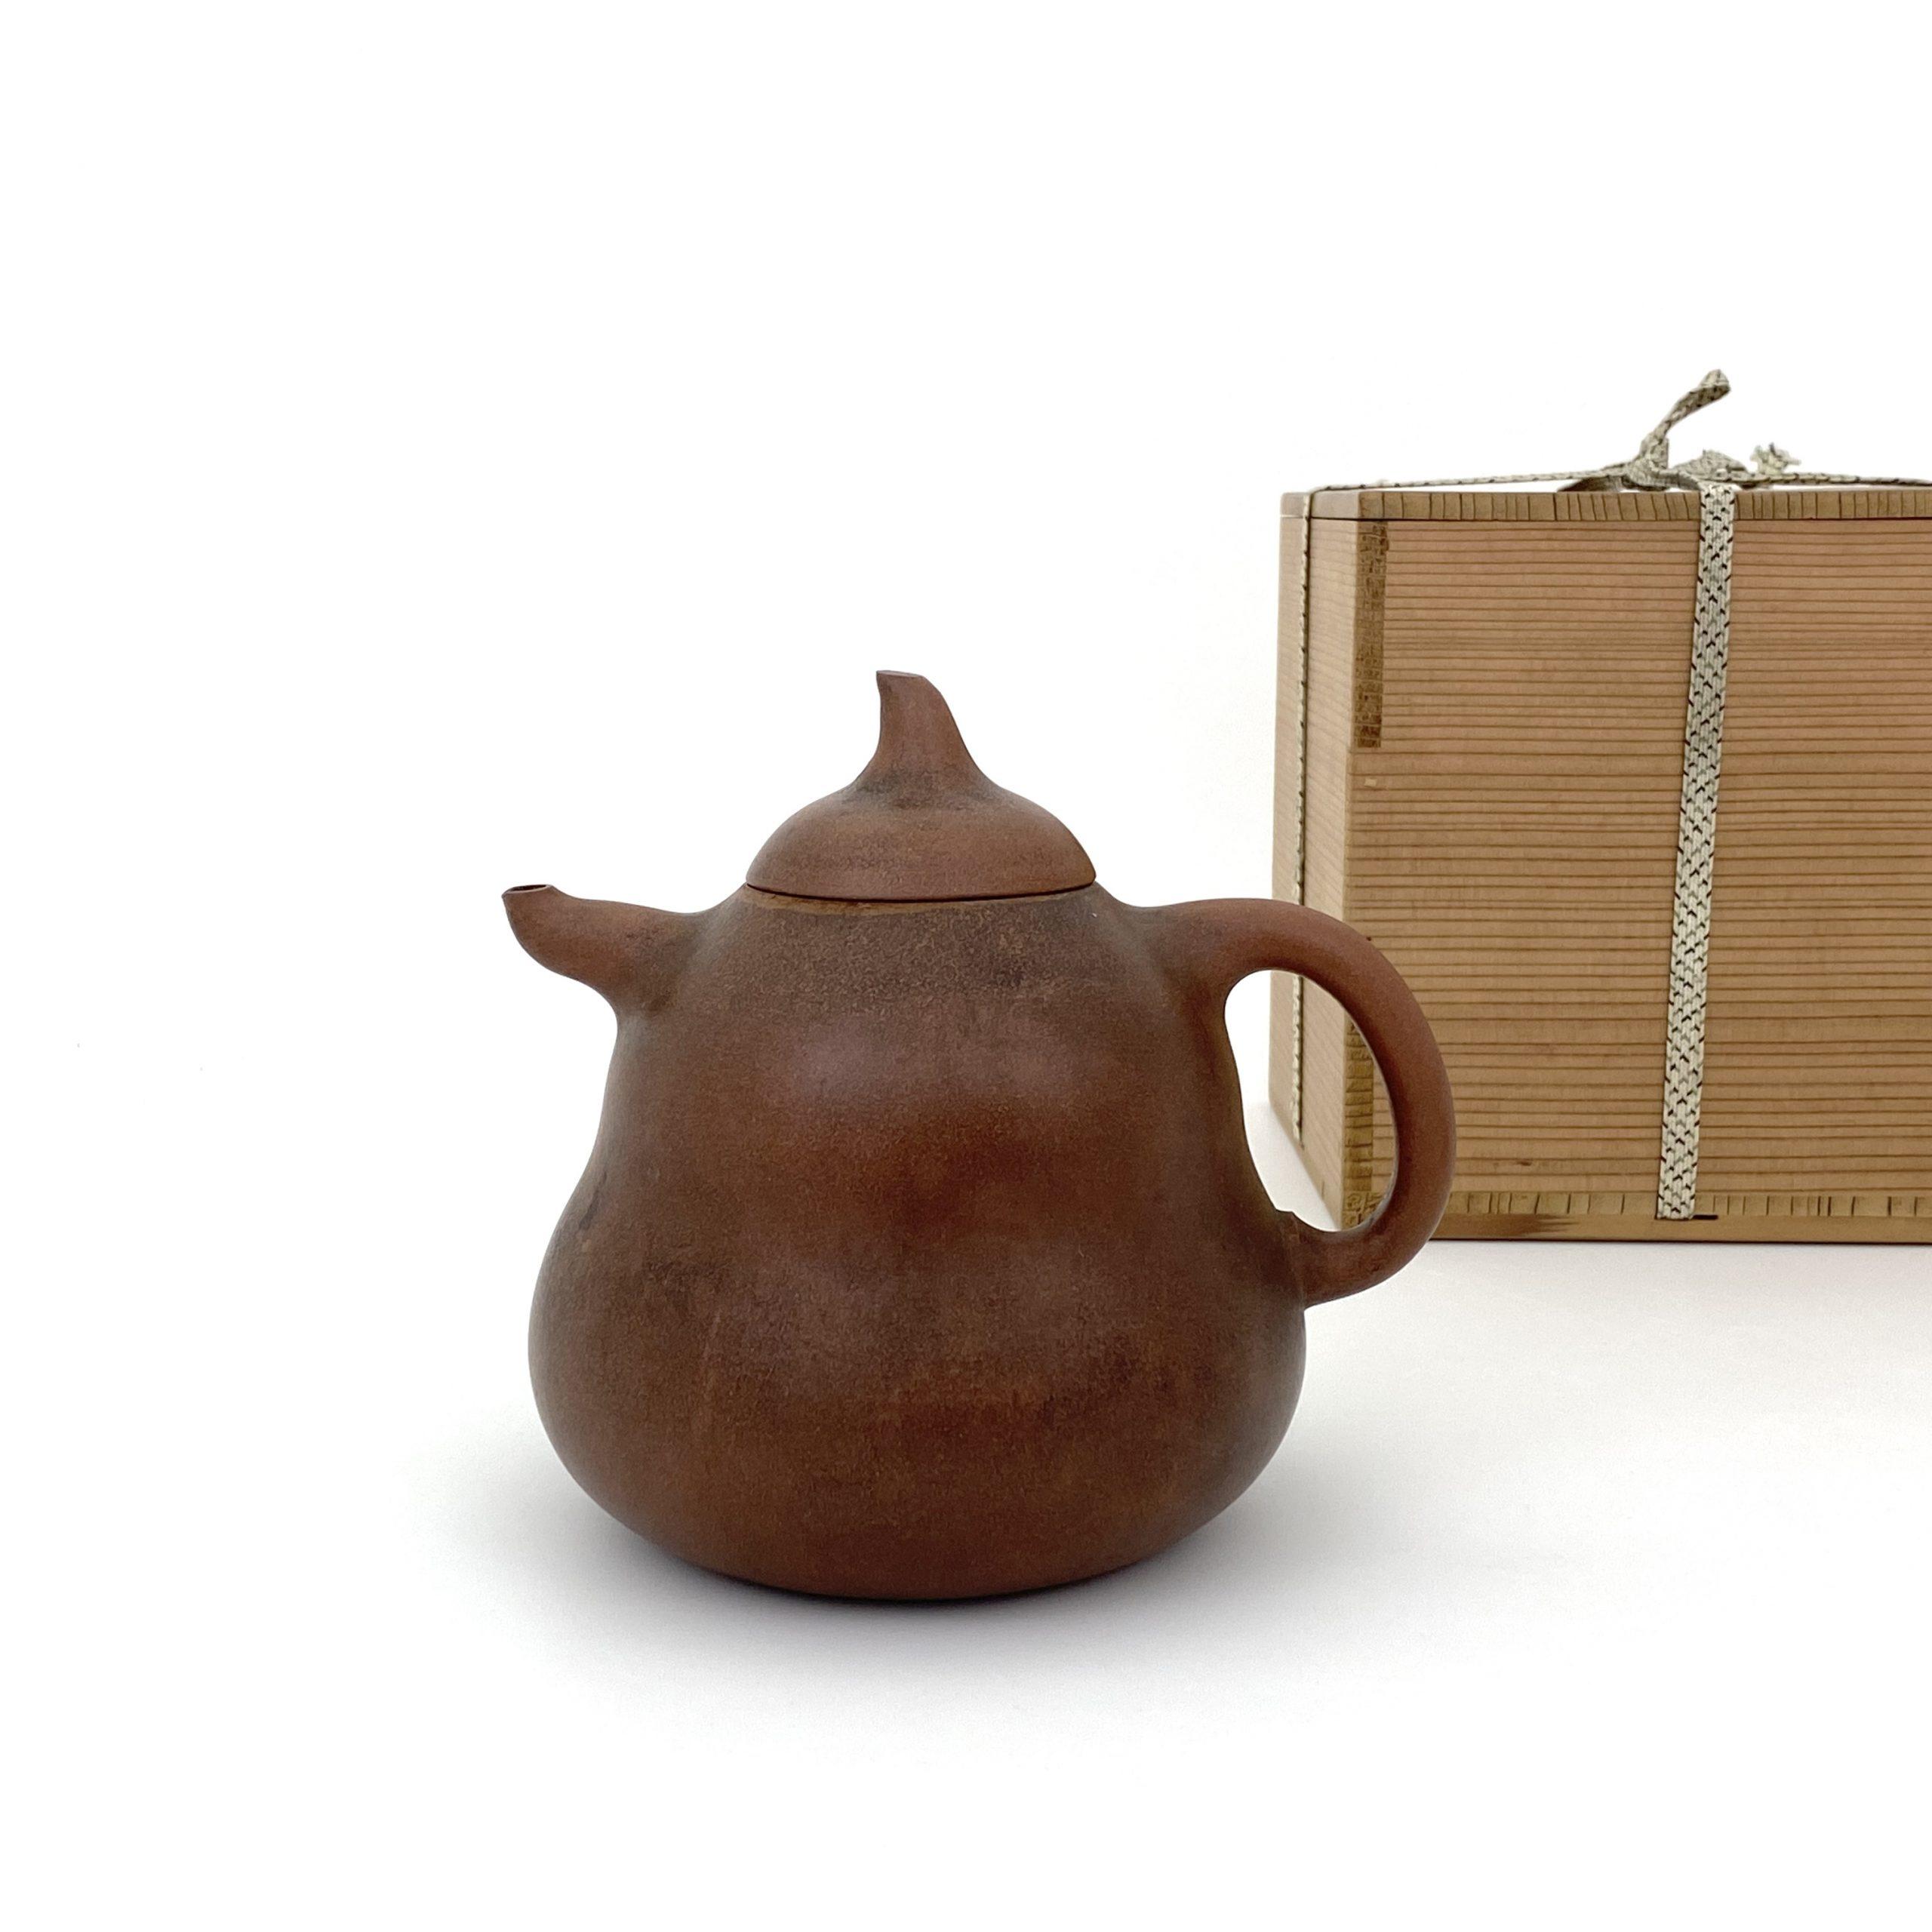 21008清「陳用卿」造 朱泥 葫蘆形 茶壺 第17回網頁掲載品